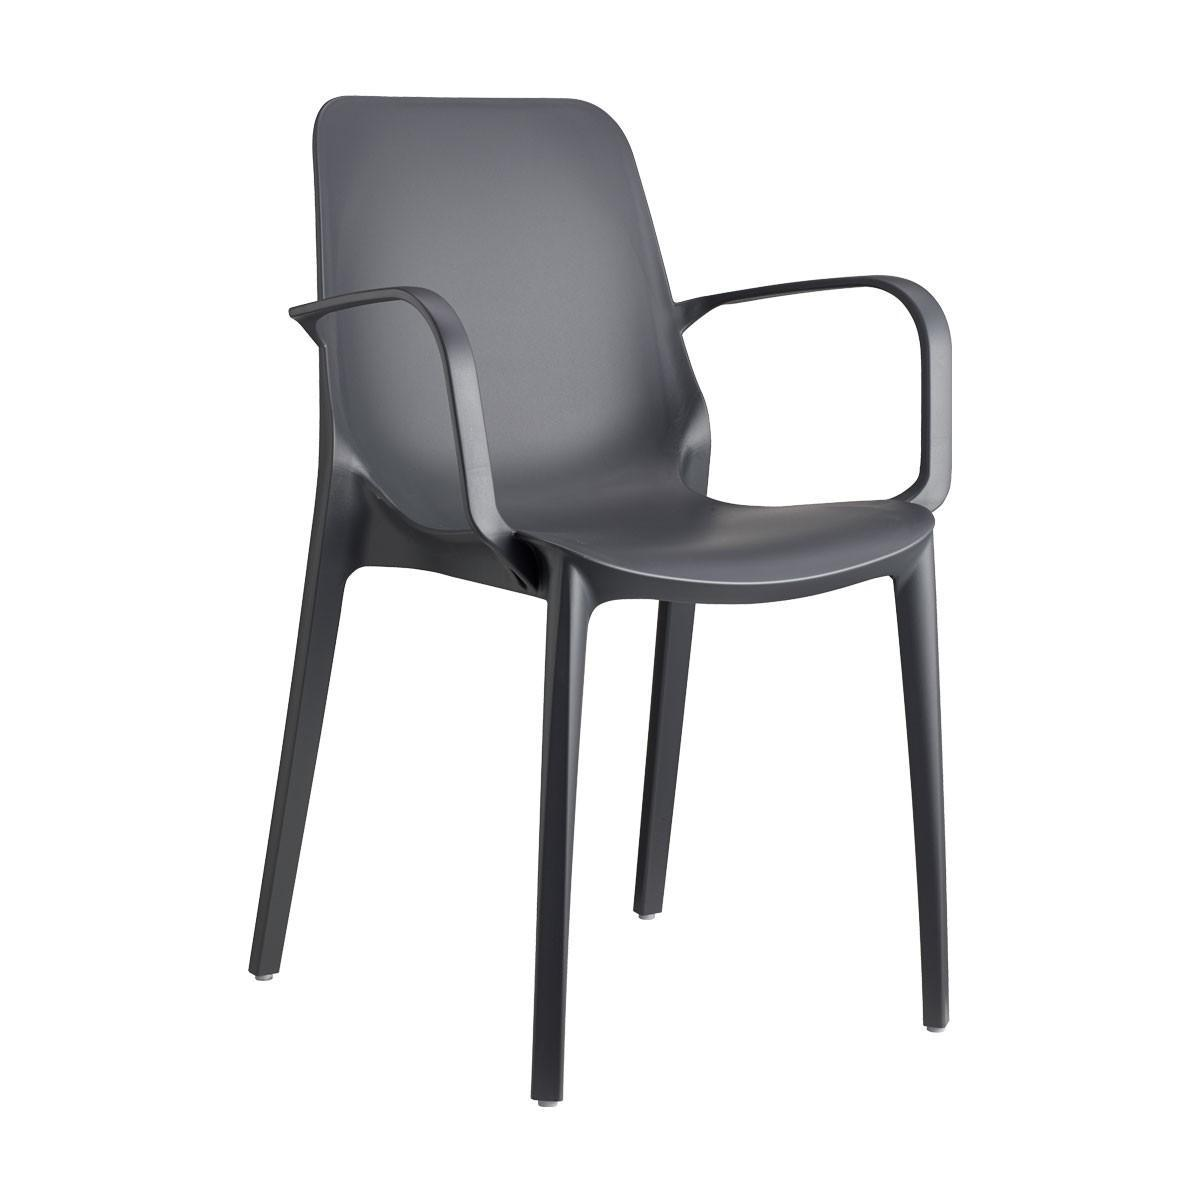 Кресло пластиковое Ginevra with armrests